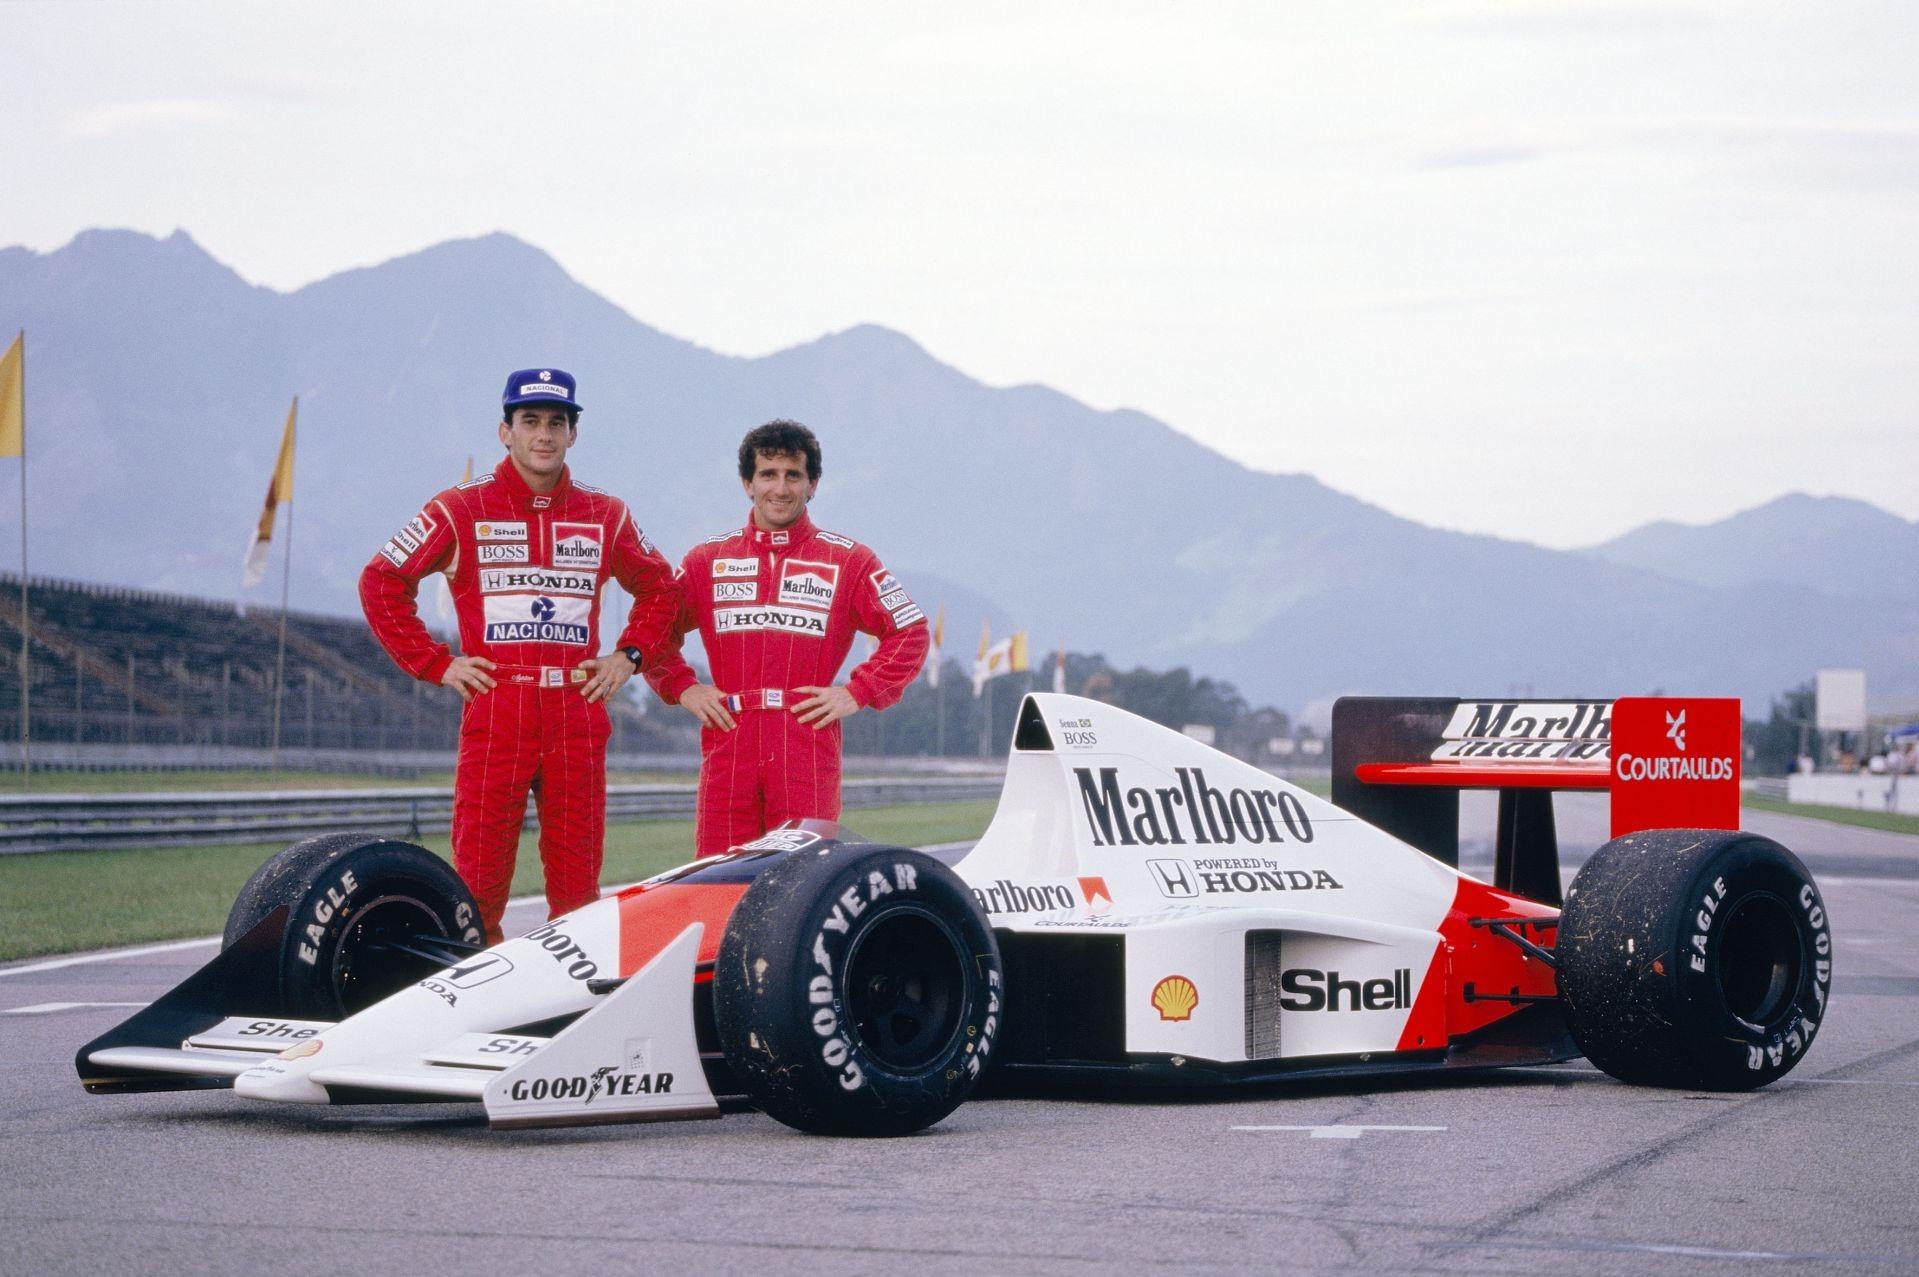 Det sterkeste førerteamet i historien: Ayrton Senna og Alain Prost. Professoren smiler her, men selv ikke han klarte å håndtere Sennas voldsomme tempo, da de kjørte sammen for McLaren i 1988/89. Foto: McLaren